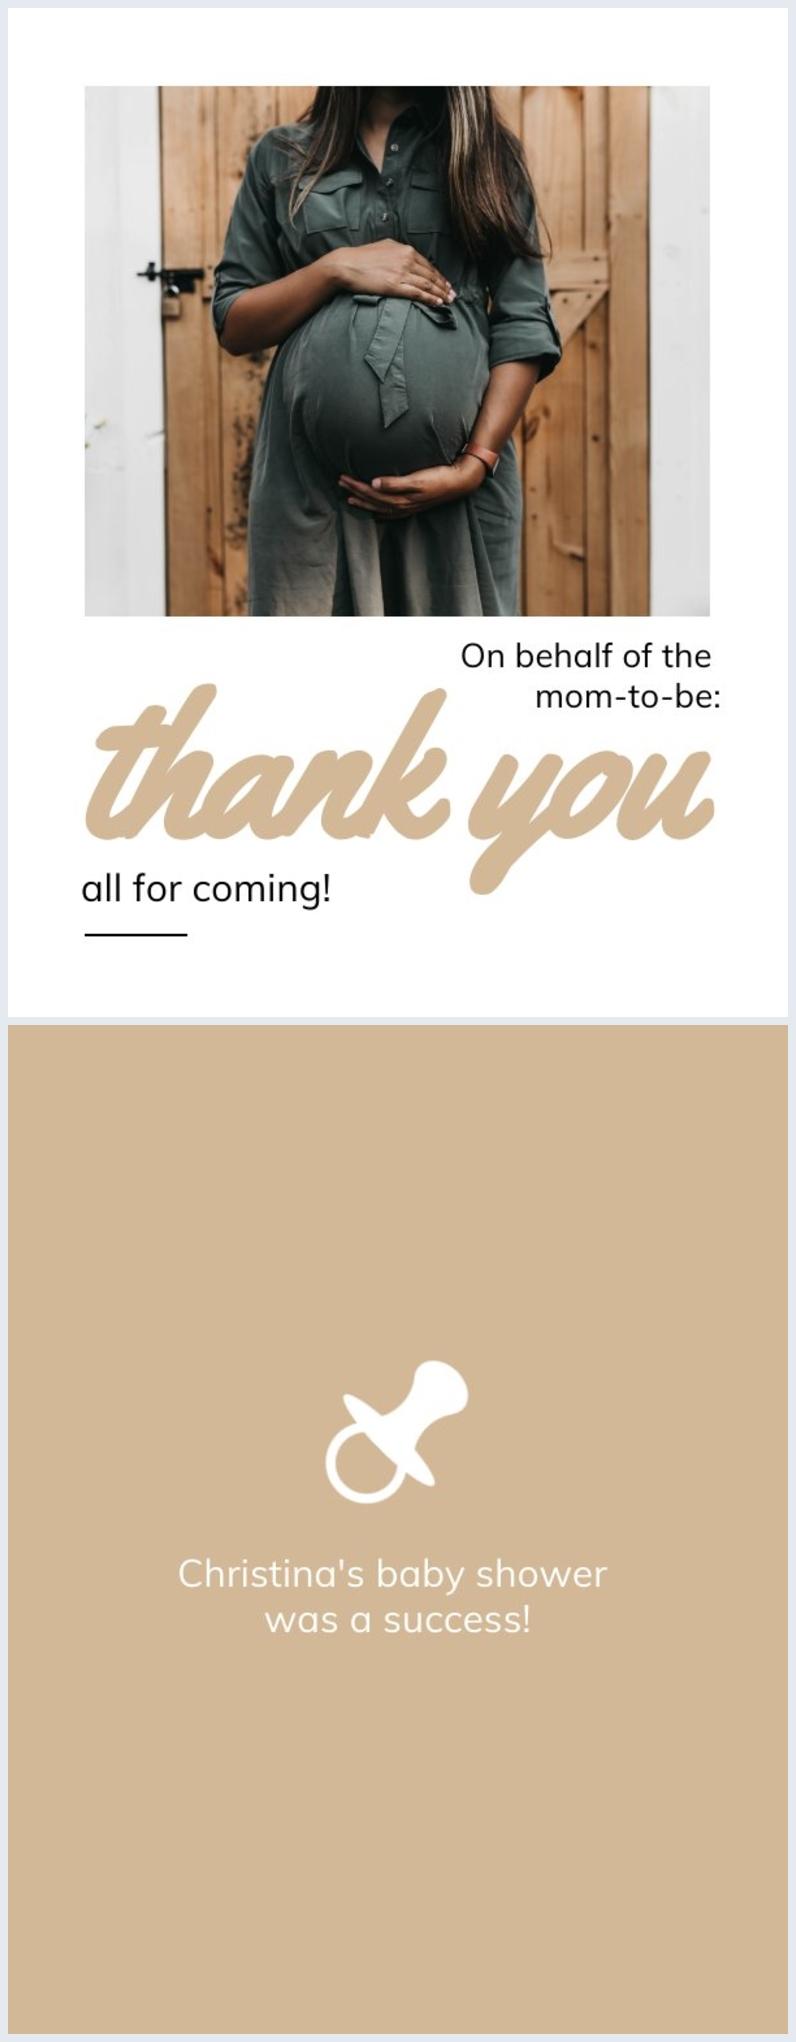 Thank you photo card design